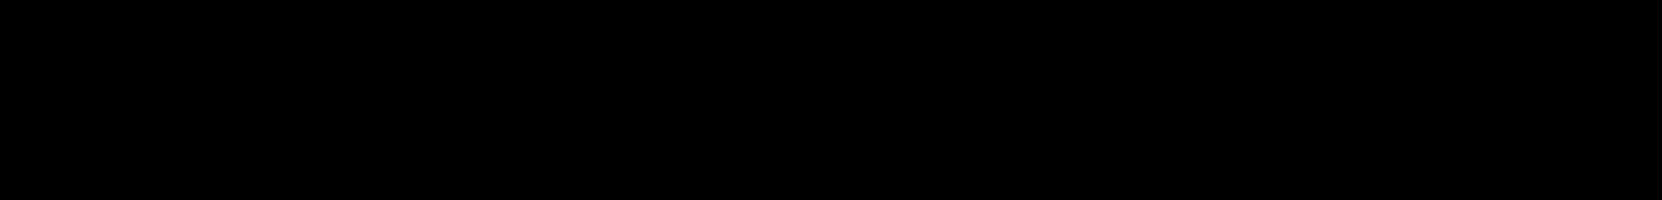 Sinnerup_brand_sort